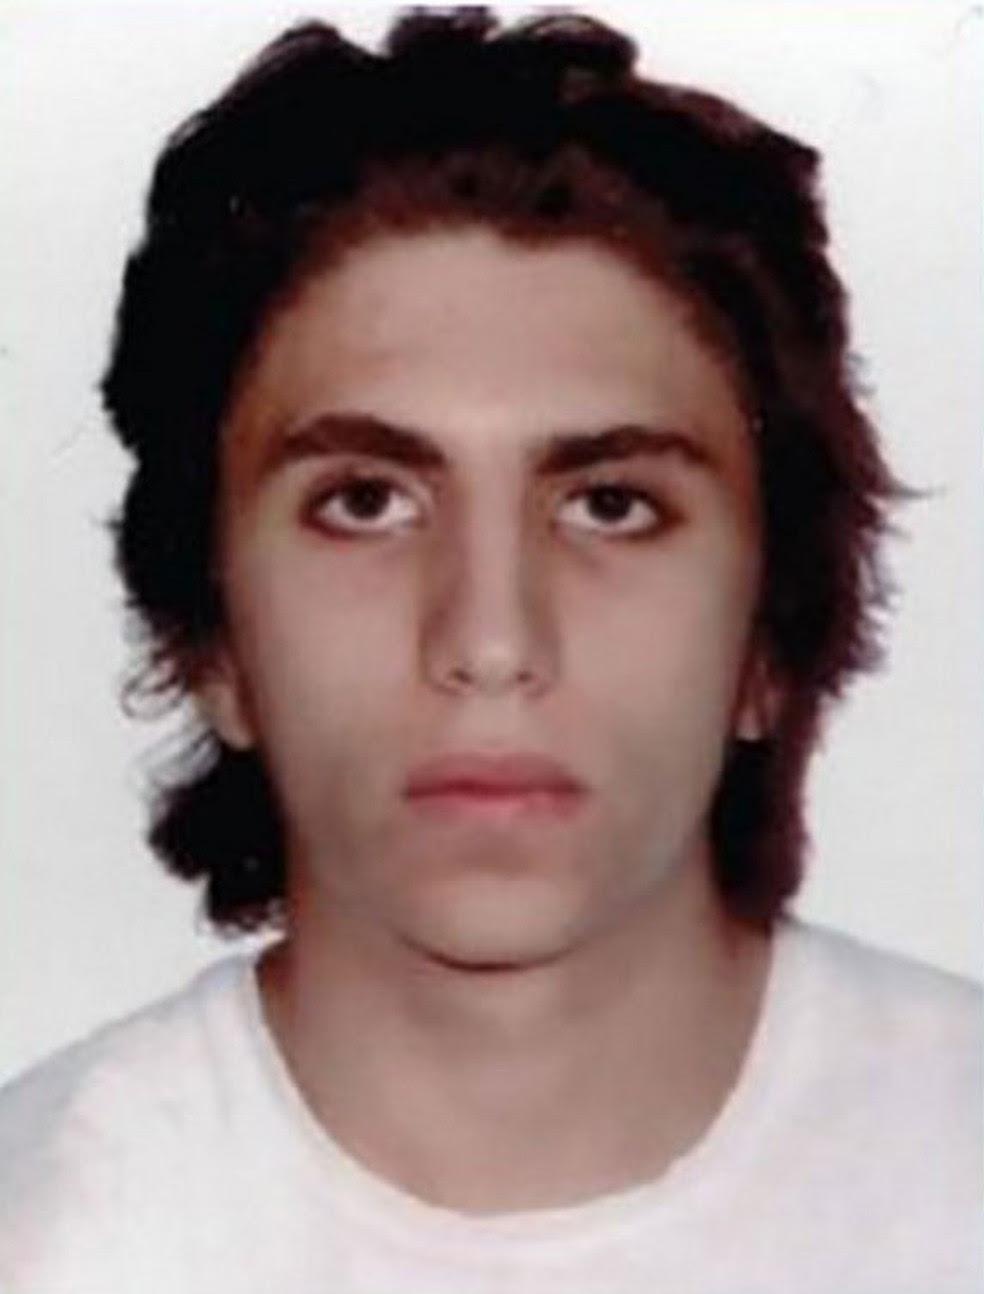 Youssef Zaghba, que teria origem ítalo-marroquina, não estava nos radares do serviço de inteligência  (Foto: Metropolitan Police / AFP)